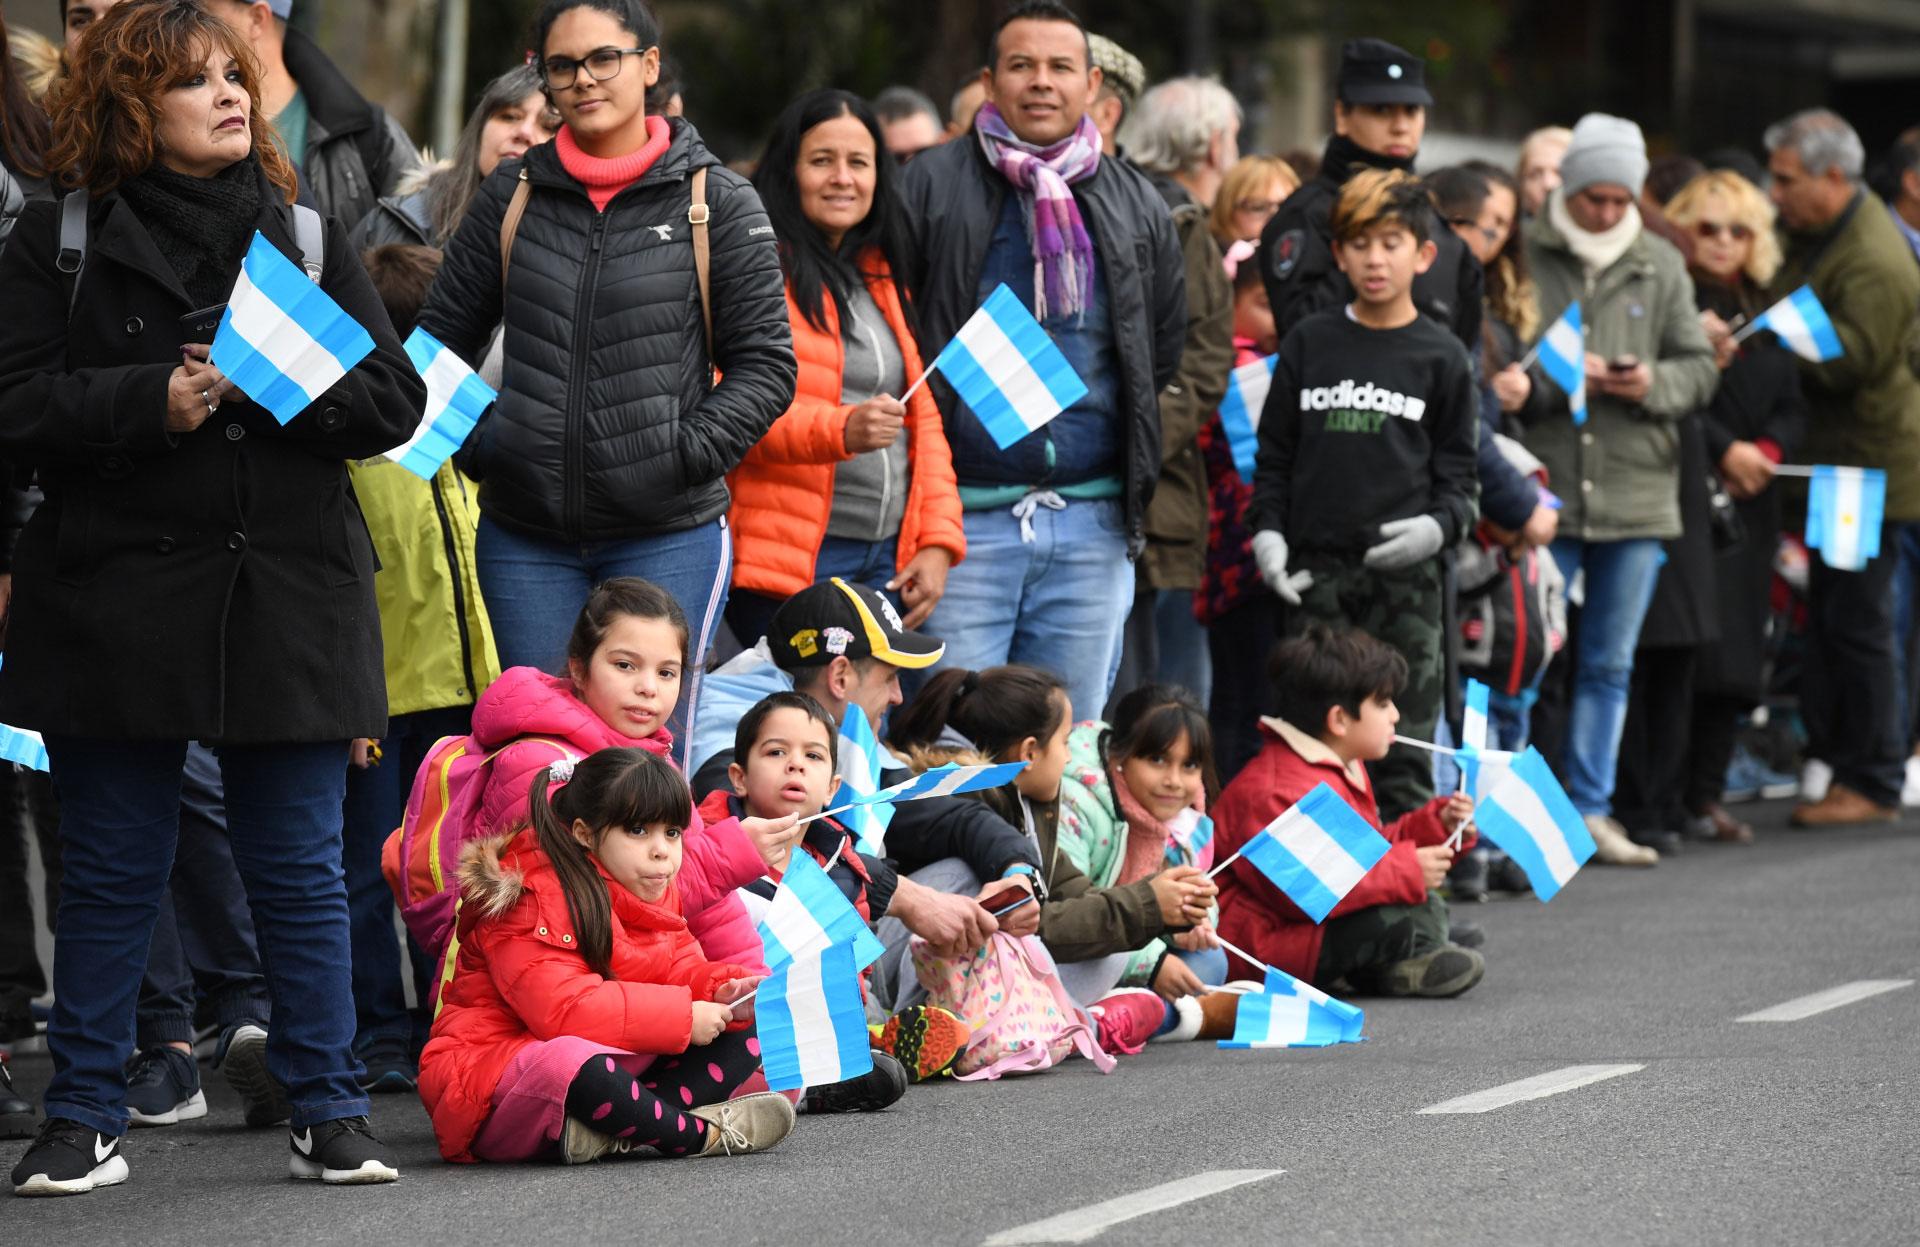 Muchos chicos también se sumaron al evento y compartieron el acto con sus padres